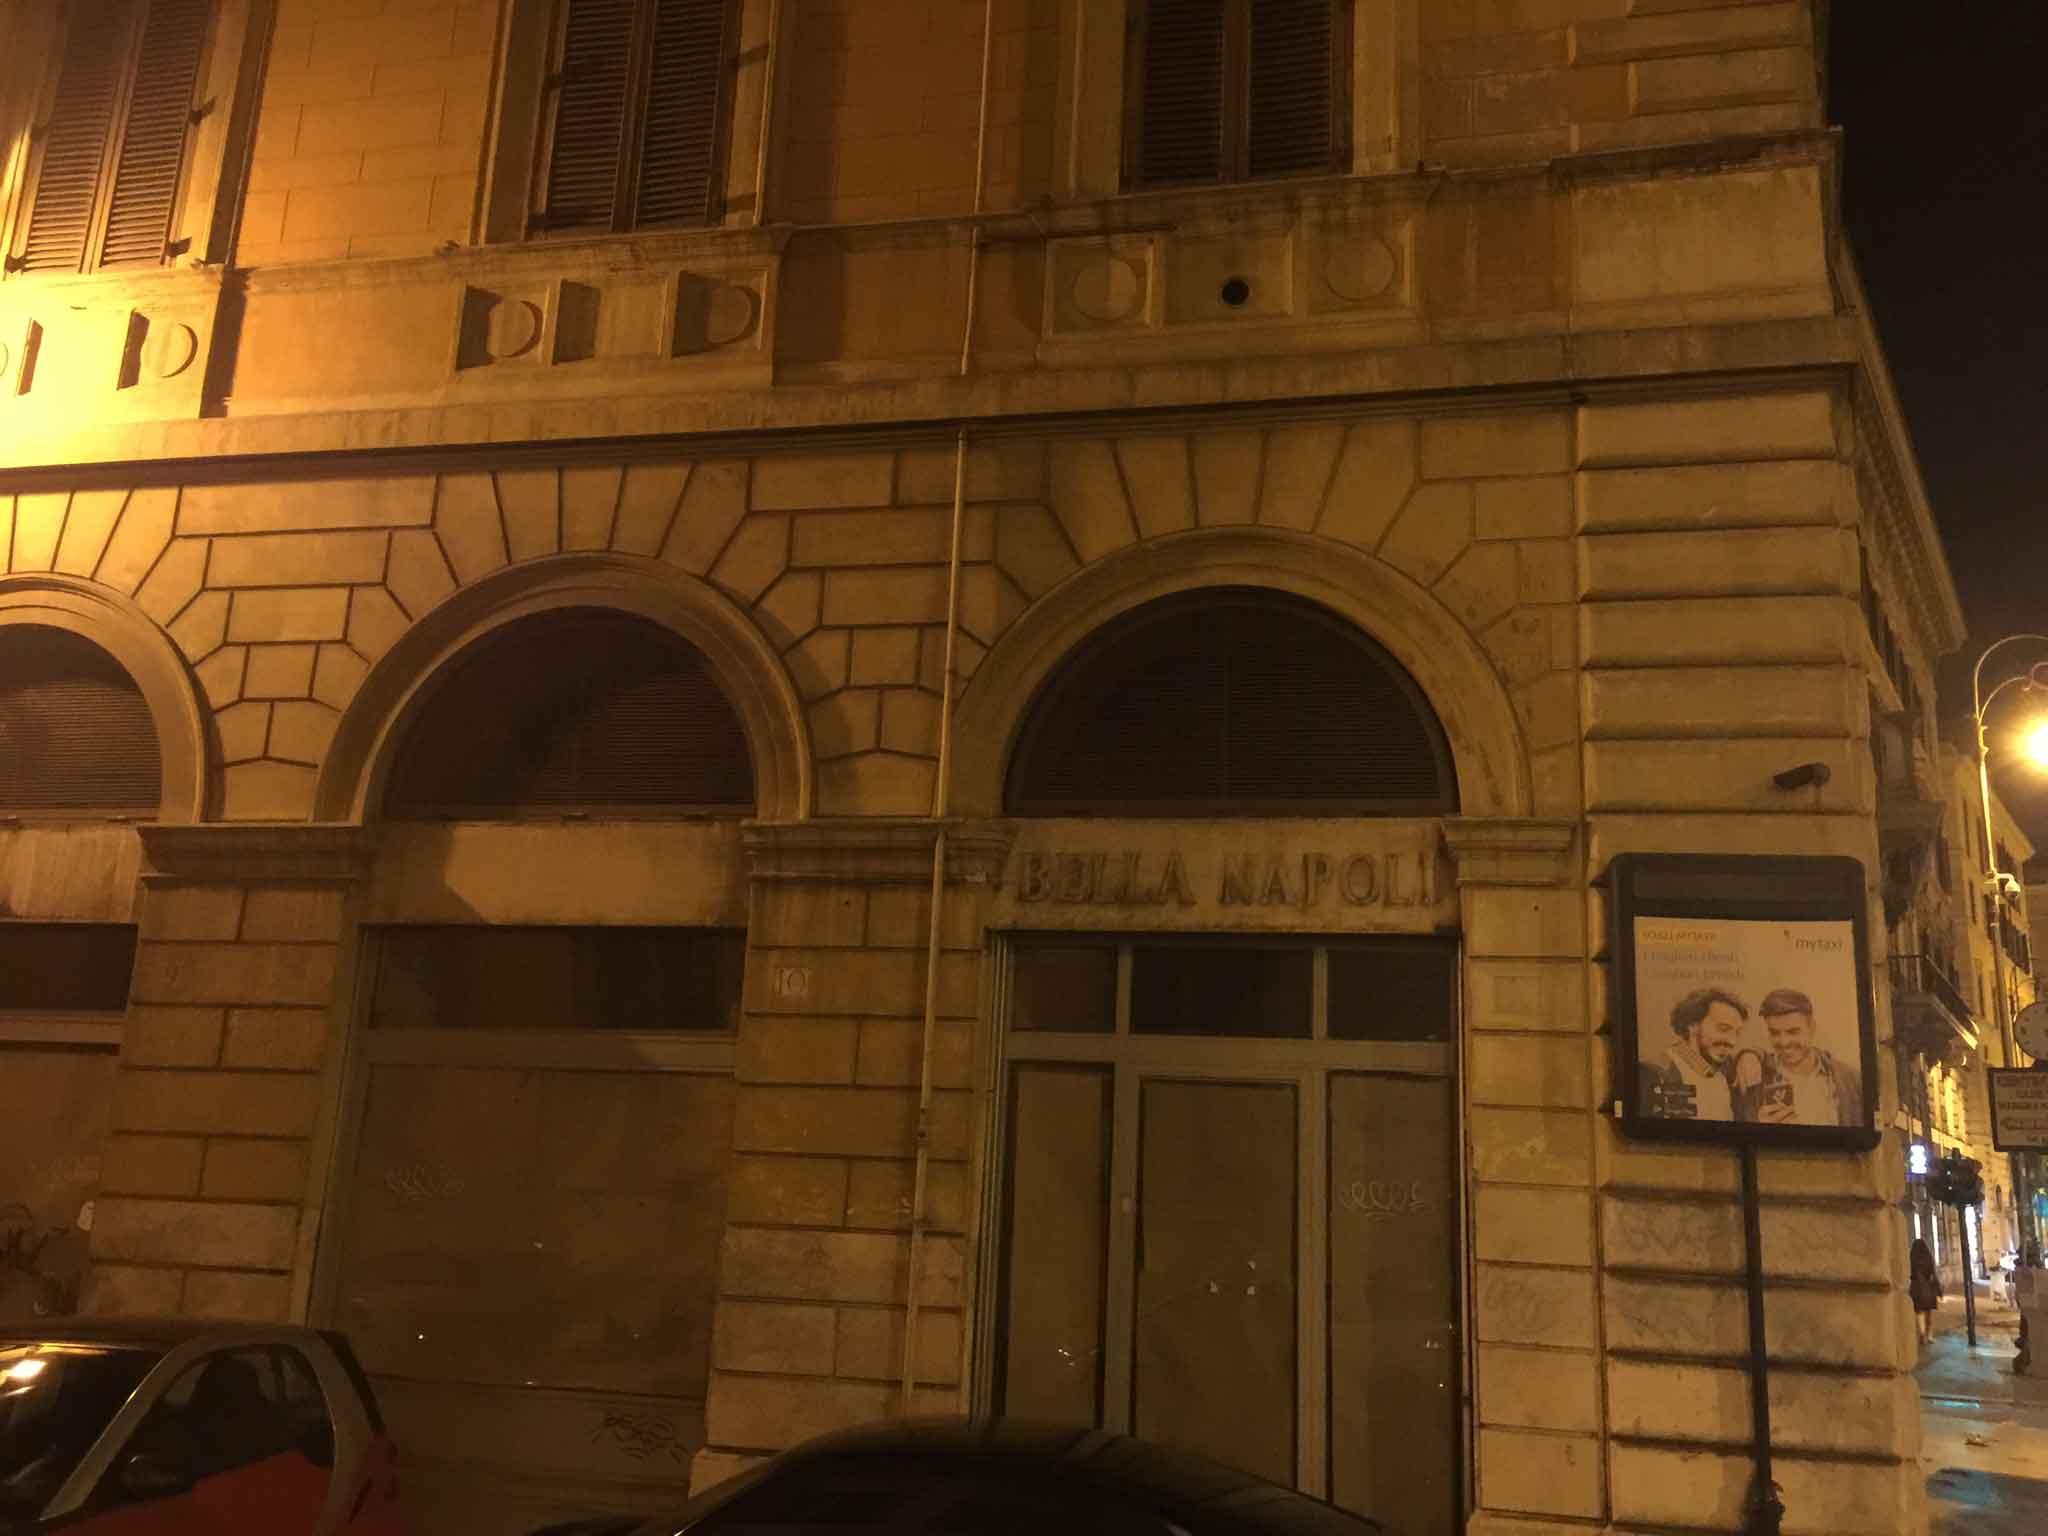 pipero-al-rex-ristorante-roma-nuova-apertura-2